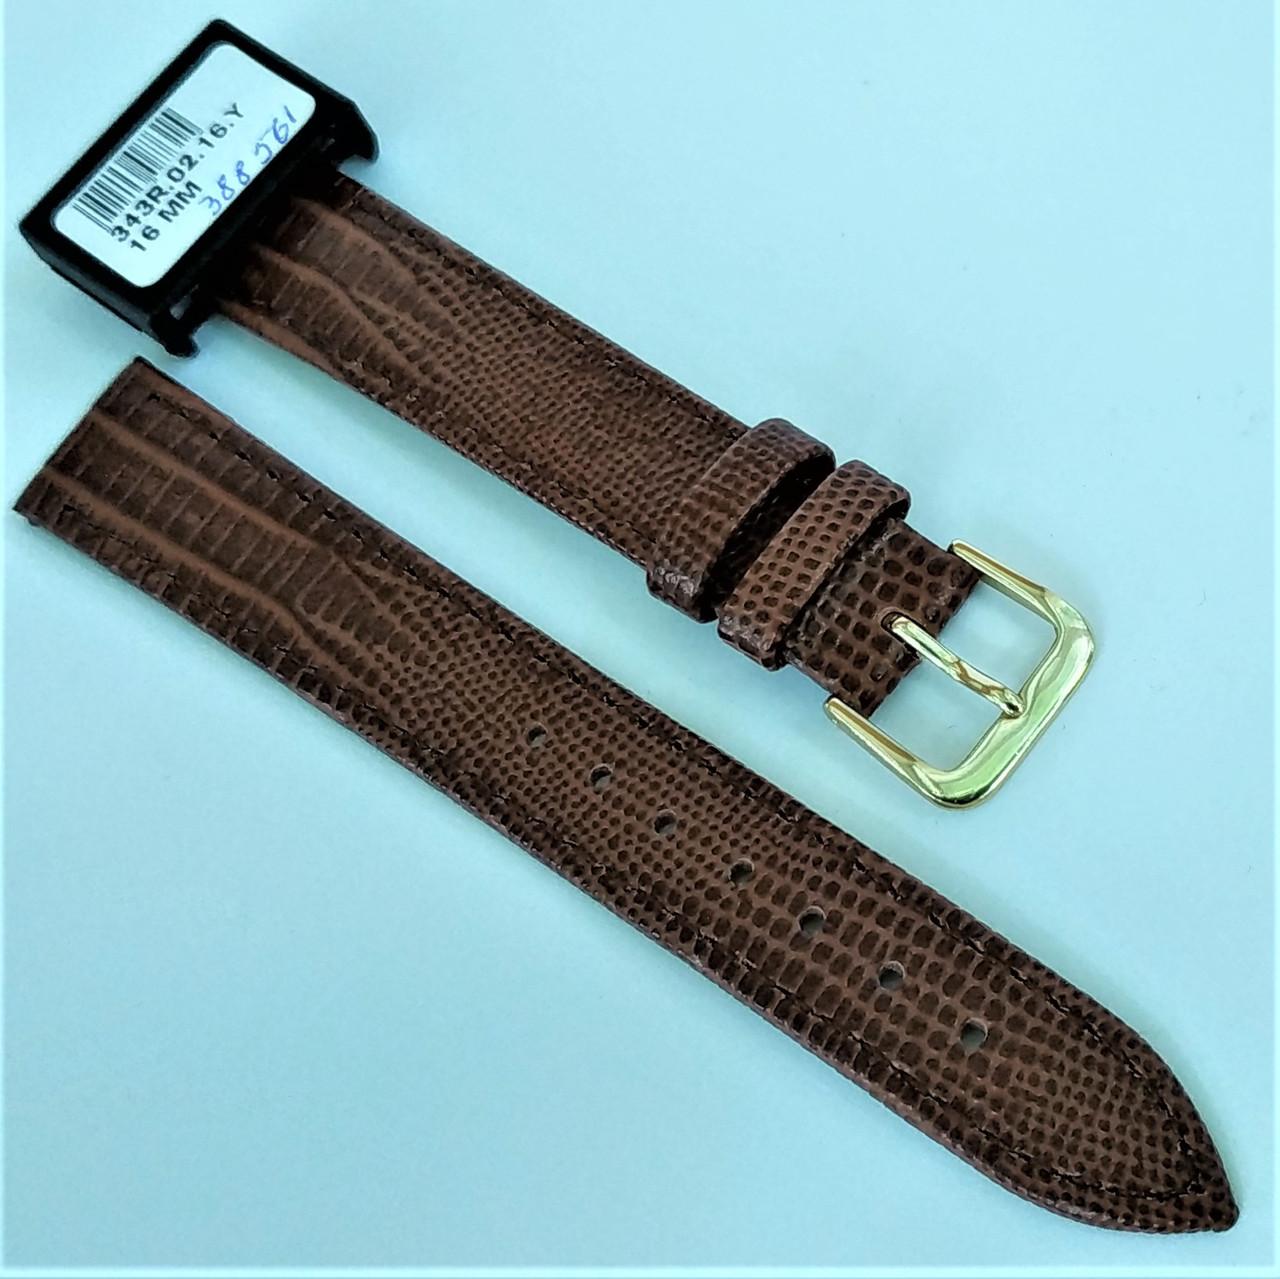 16 мм Кожаный Ремешок для часов CONDOR 343.16.02 Коричневый Ремешок на часы из Натуральной кожи